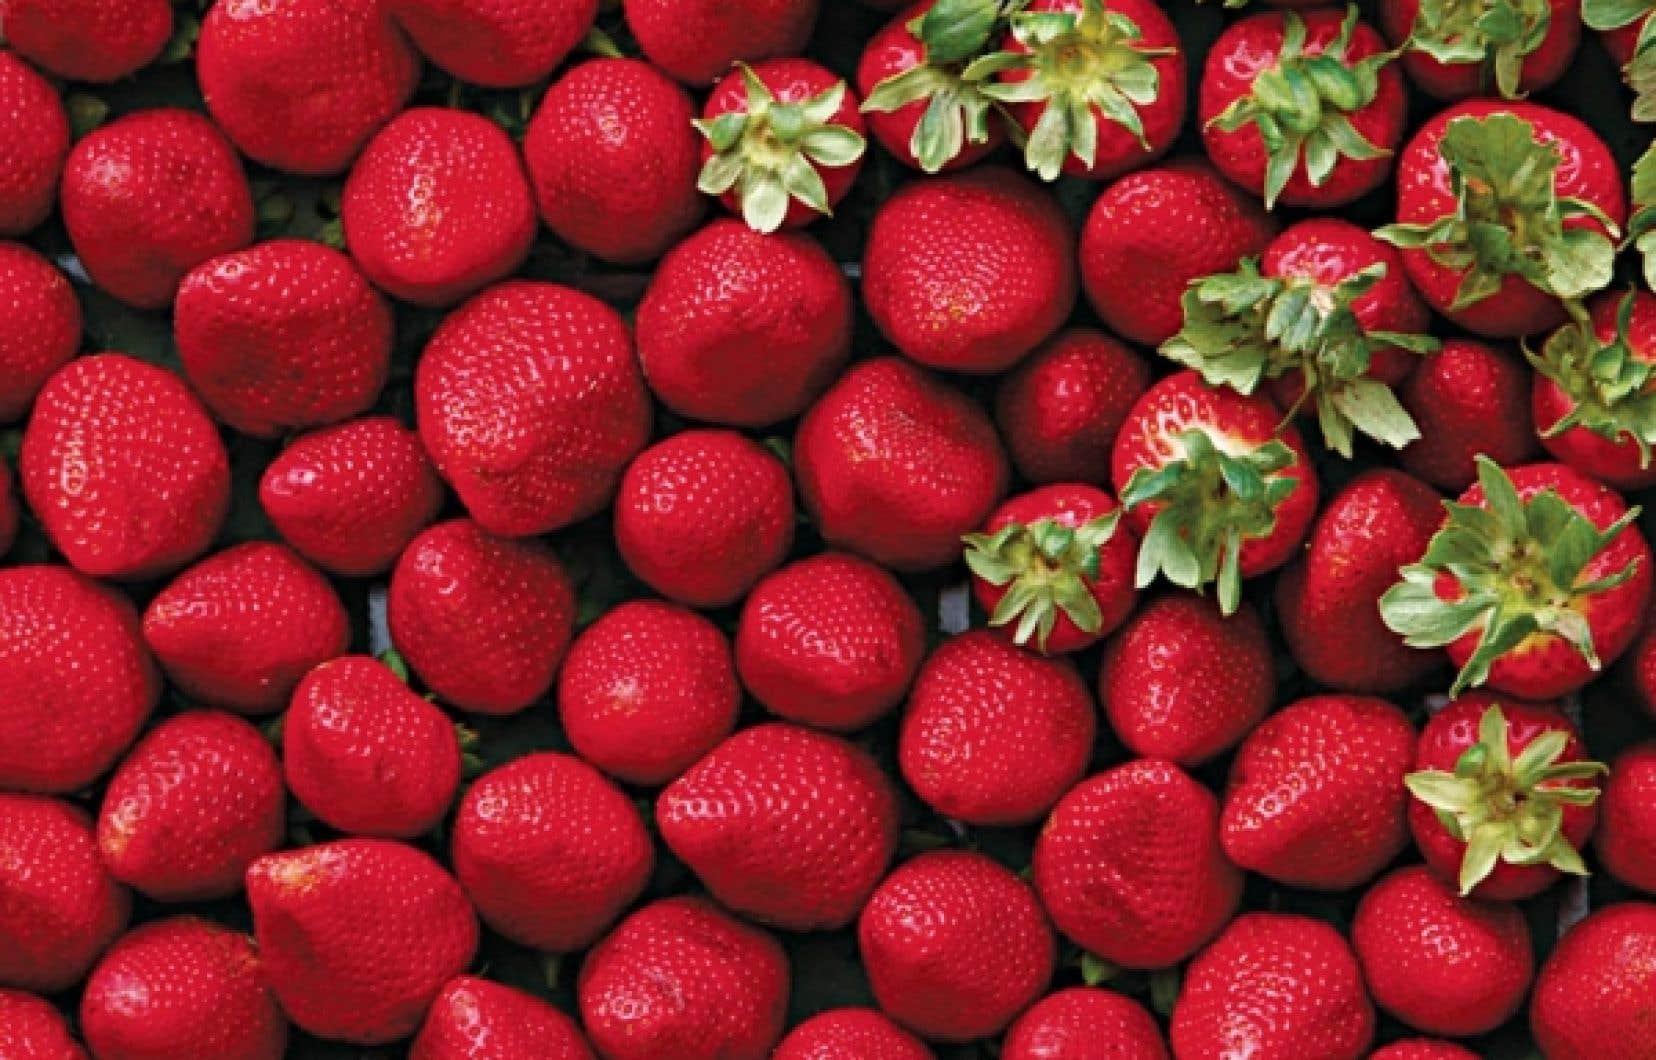 La station Pavlovsk&nbsp;contient plus de&nbsp;5000 plantes&nbsp;diff&eacute;rentes, dont&nbsp;1000 vari&eacute;t&eacute;s de fraises seulement.<br />